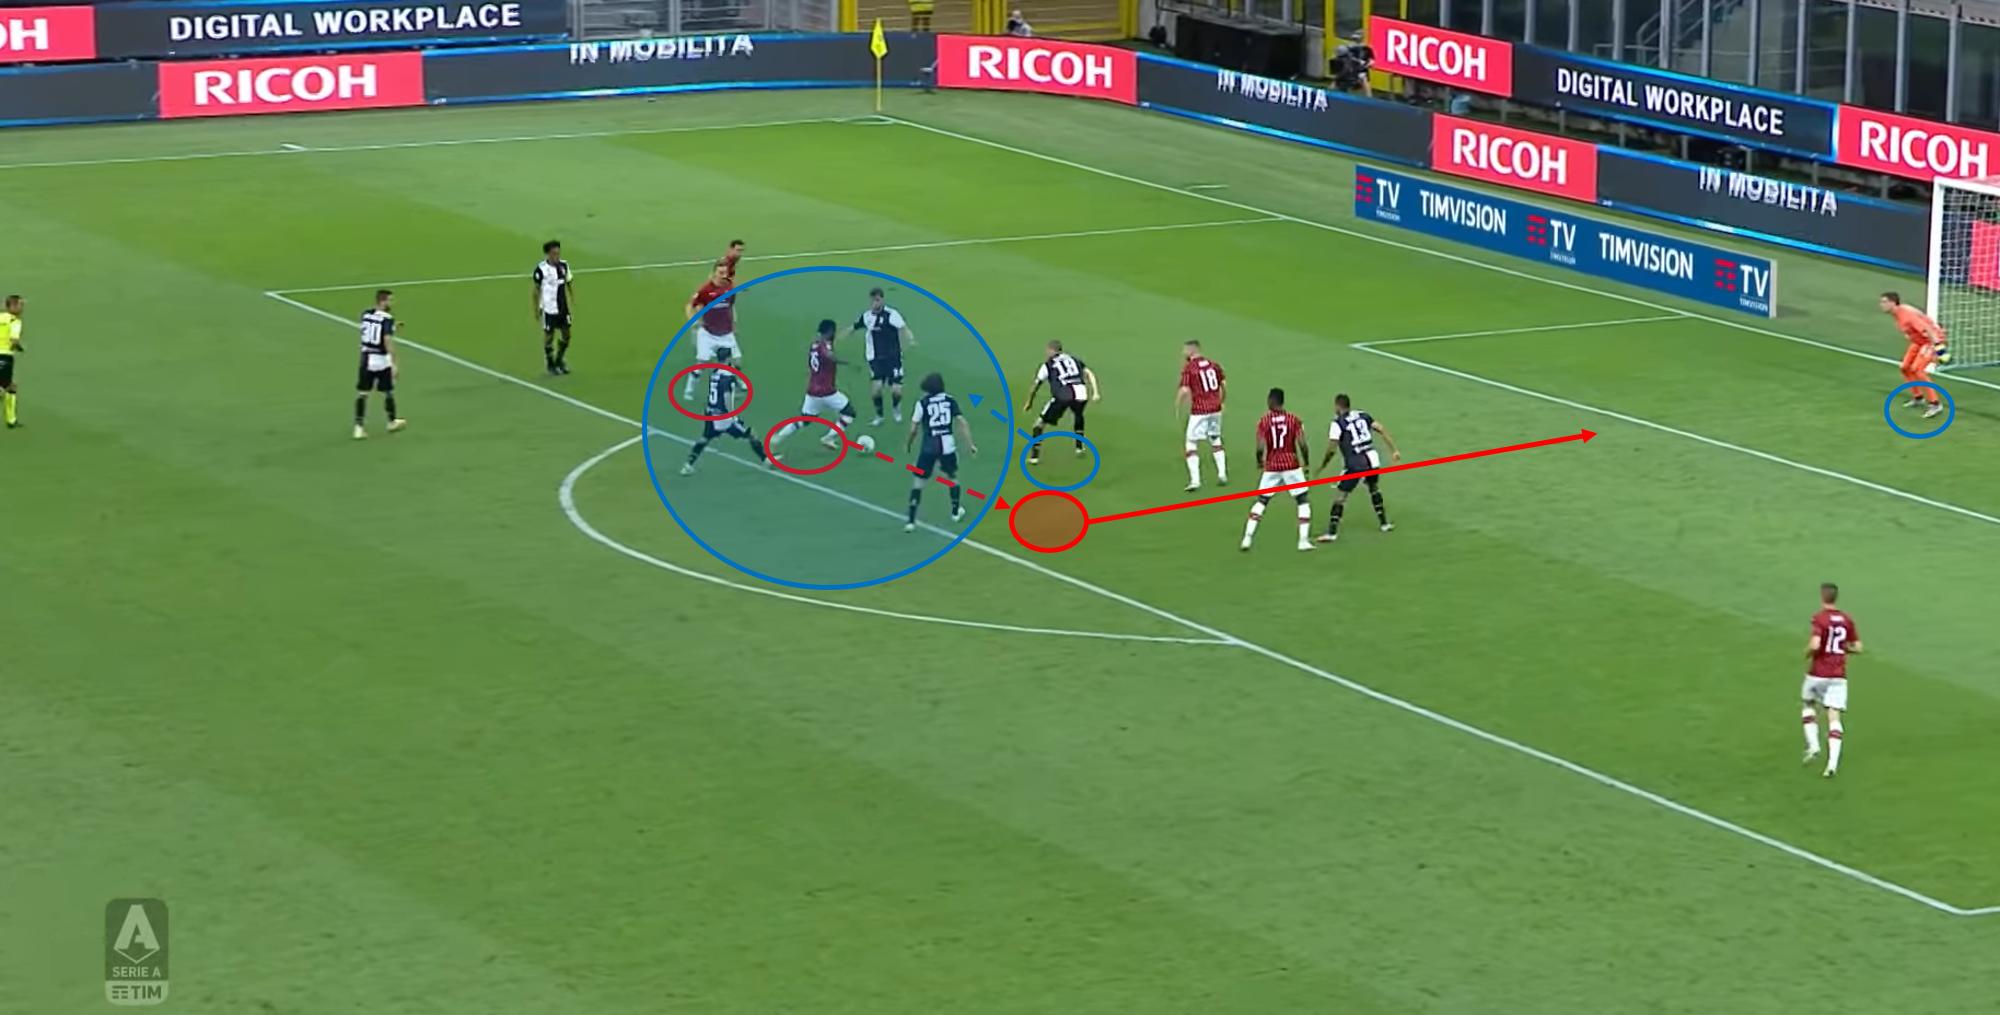 Serie A 2019/20: AC Milan vs Juventus – tactical analysis - tactics